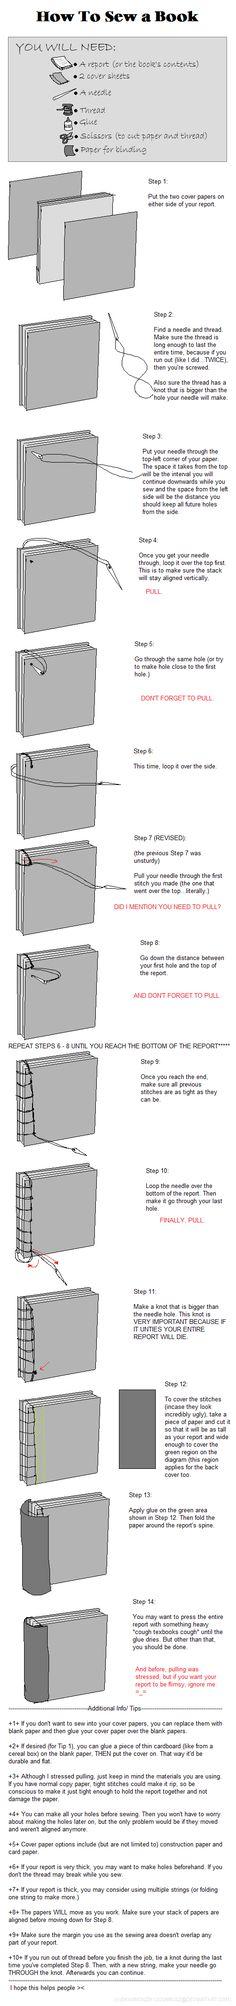 mo coser un libro - How to sew a book. DeviantART: More Like uber simple book binding by serealis Up Book, Book Art, Bookbinding Tutorial, Handmade Books, Handmade Journals, Handmade Notebook, Diy Papier, Book Journal, Journal Covers